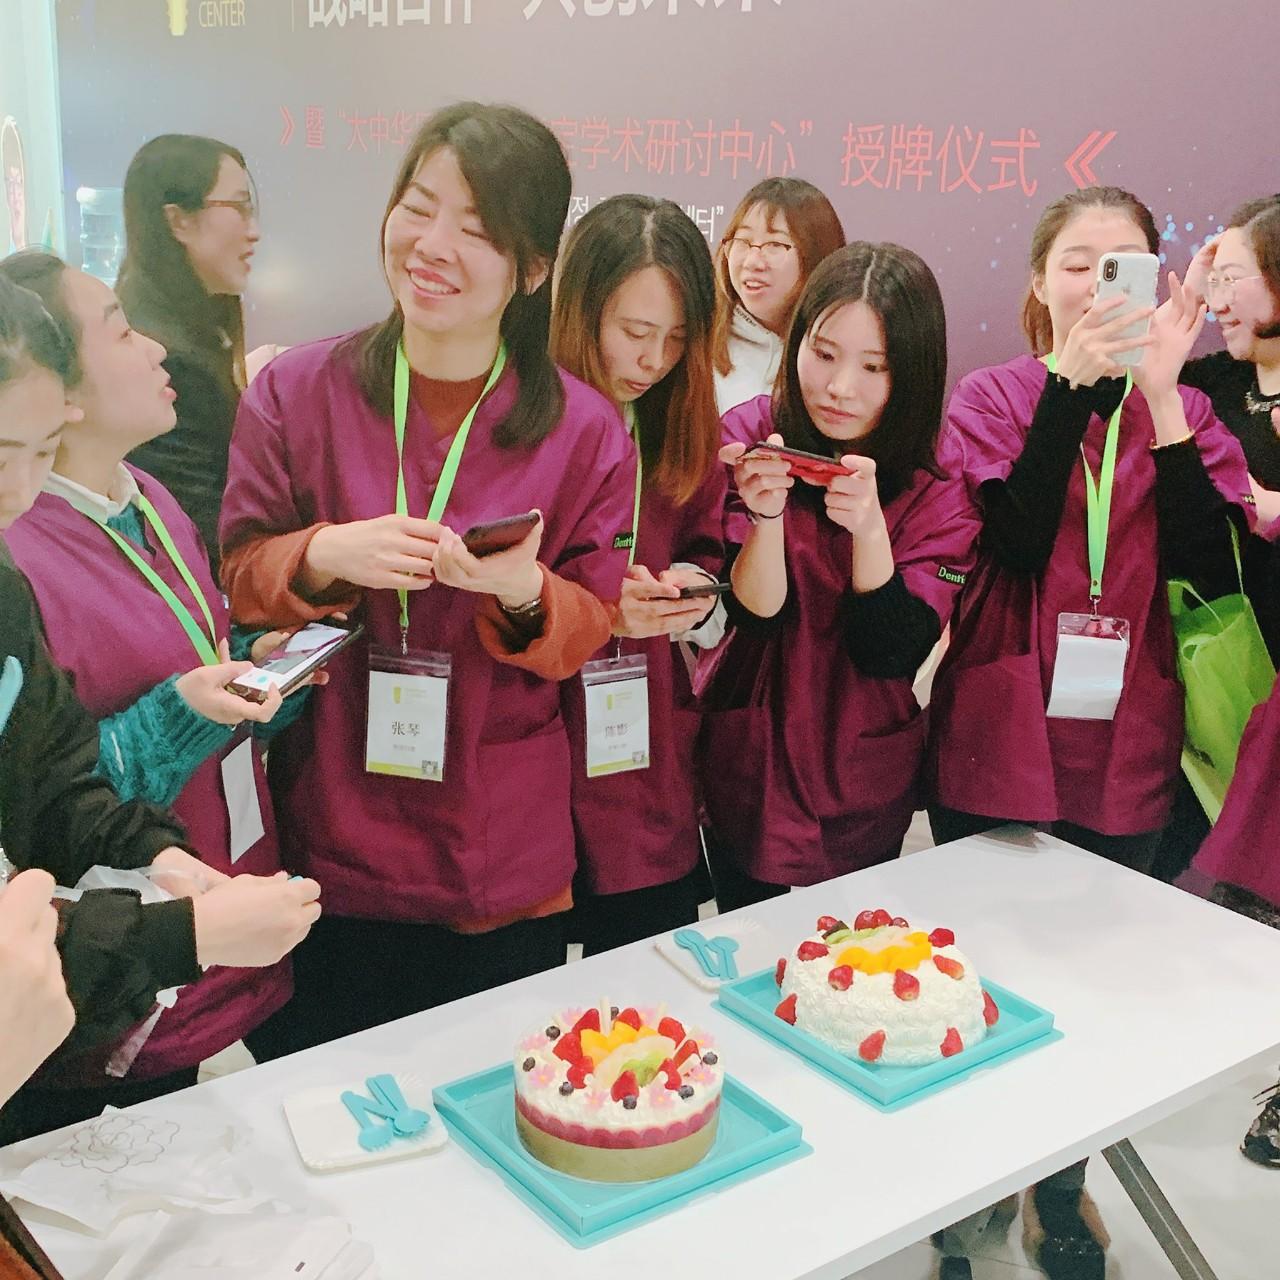 20190320_중국상해임플란트스탭세미나 14.jpg